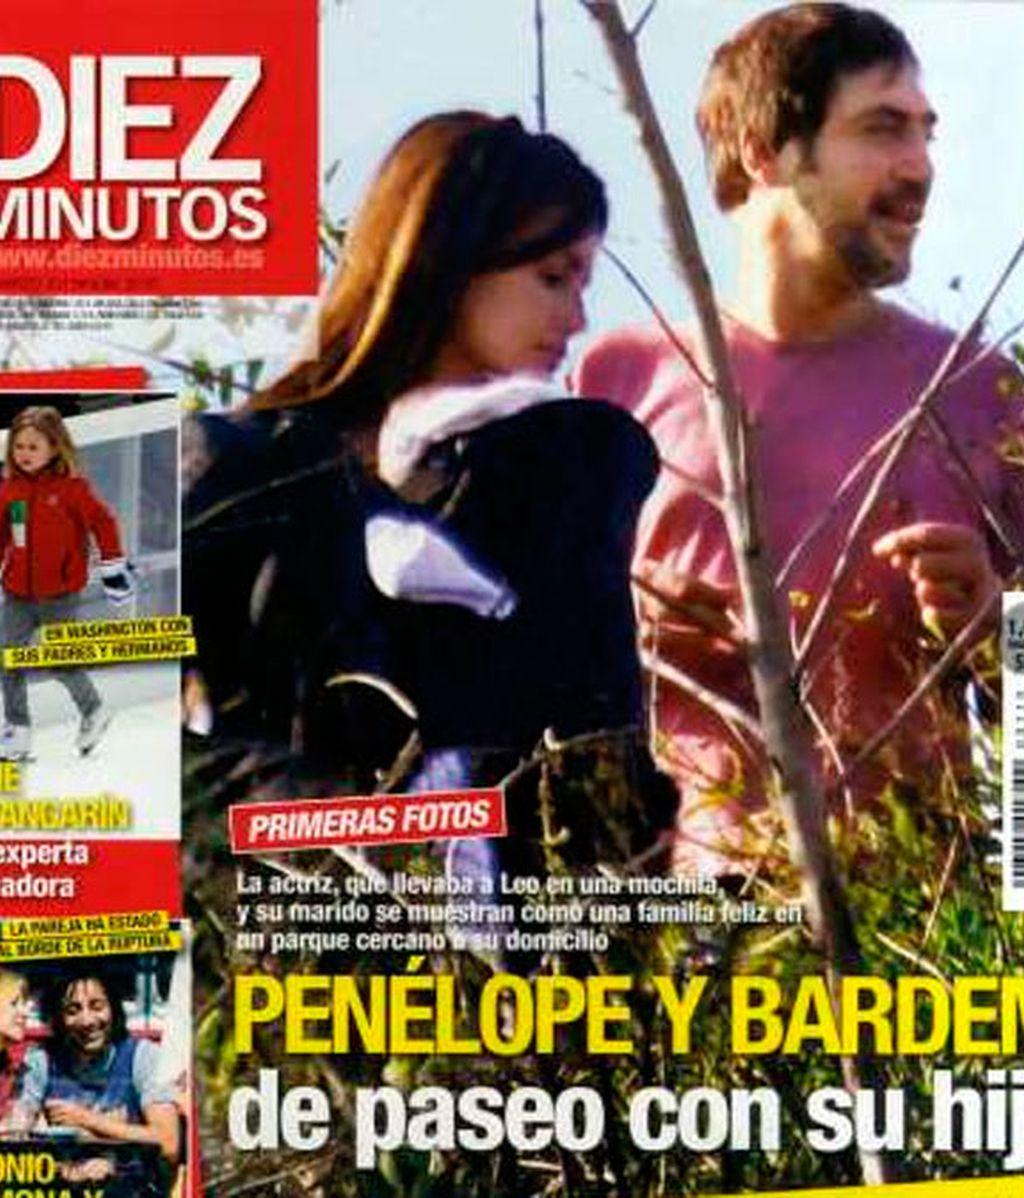 Leo Bardem Cruz, un posado y mil robados